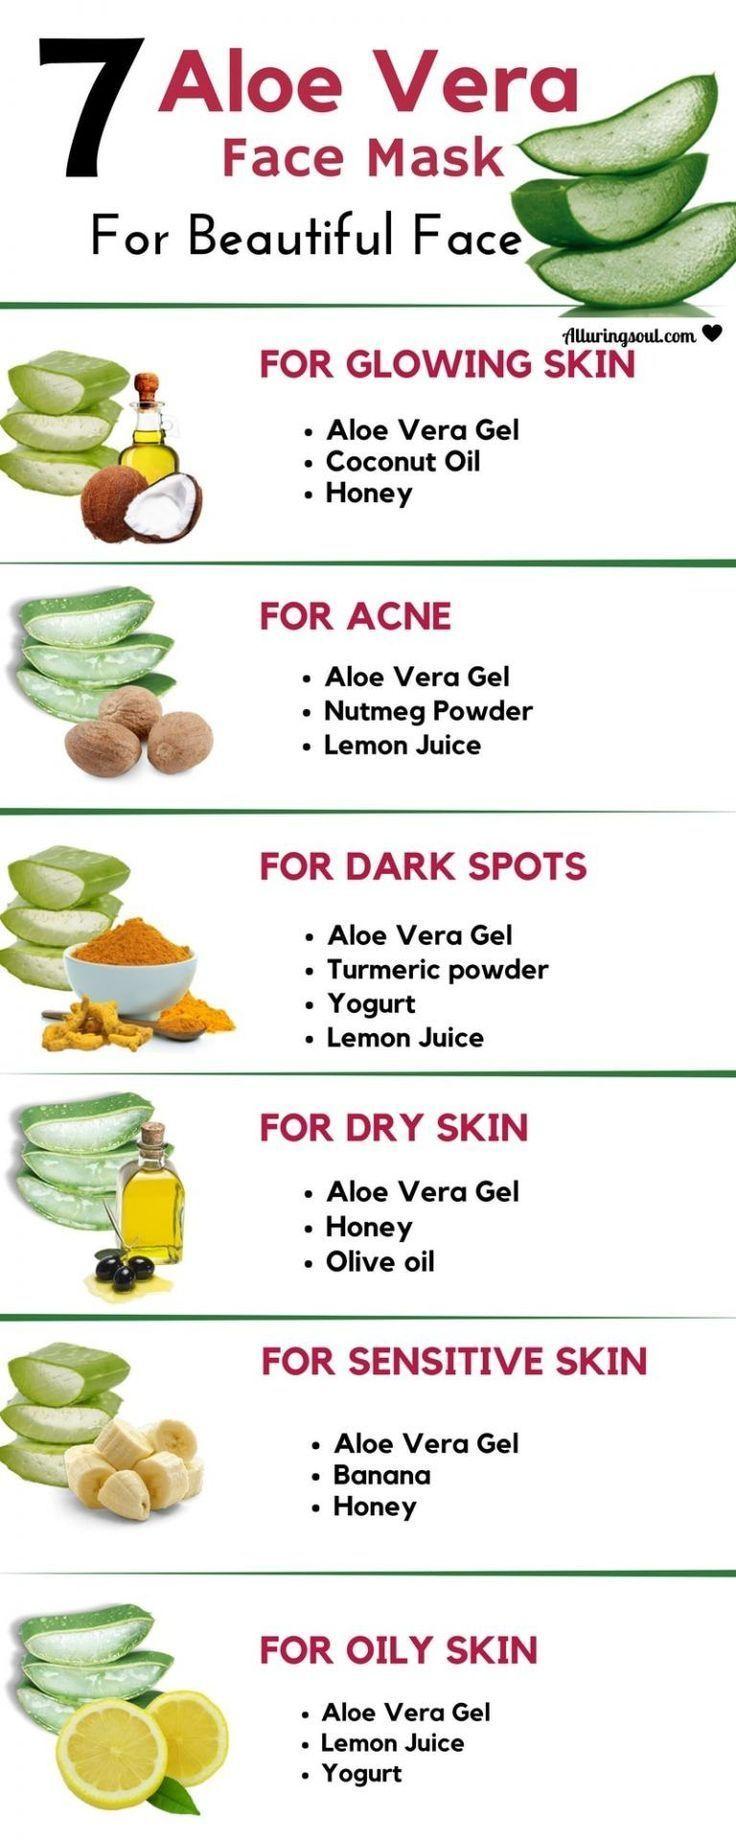 25 + › Aloe Vera Face Mask Acenzine ist eine umfassende Lösung für hartnäckige Akne …